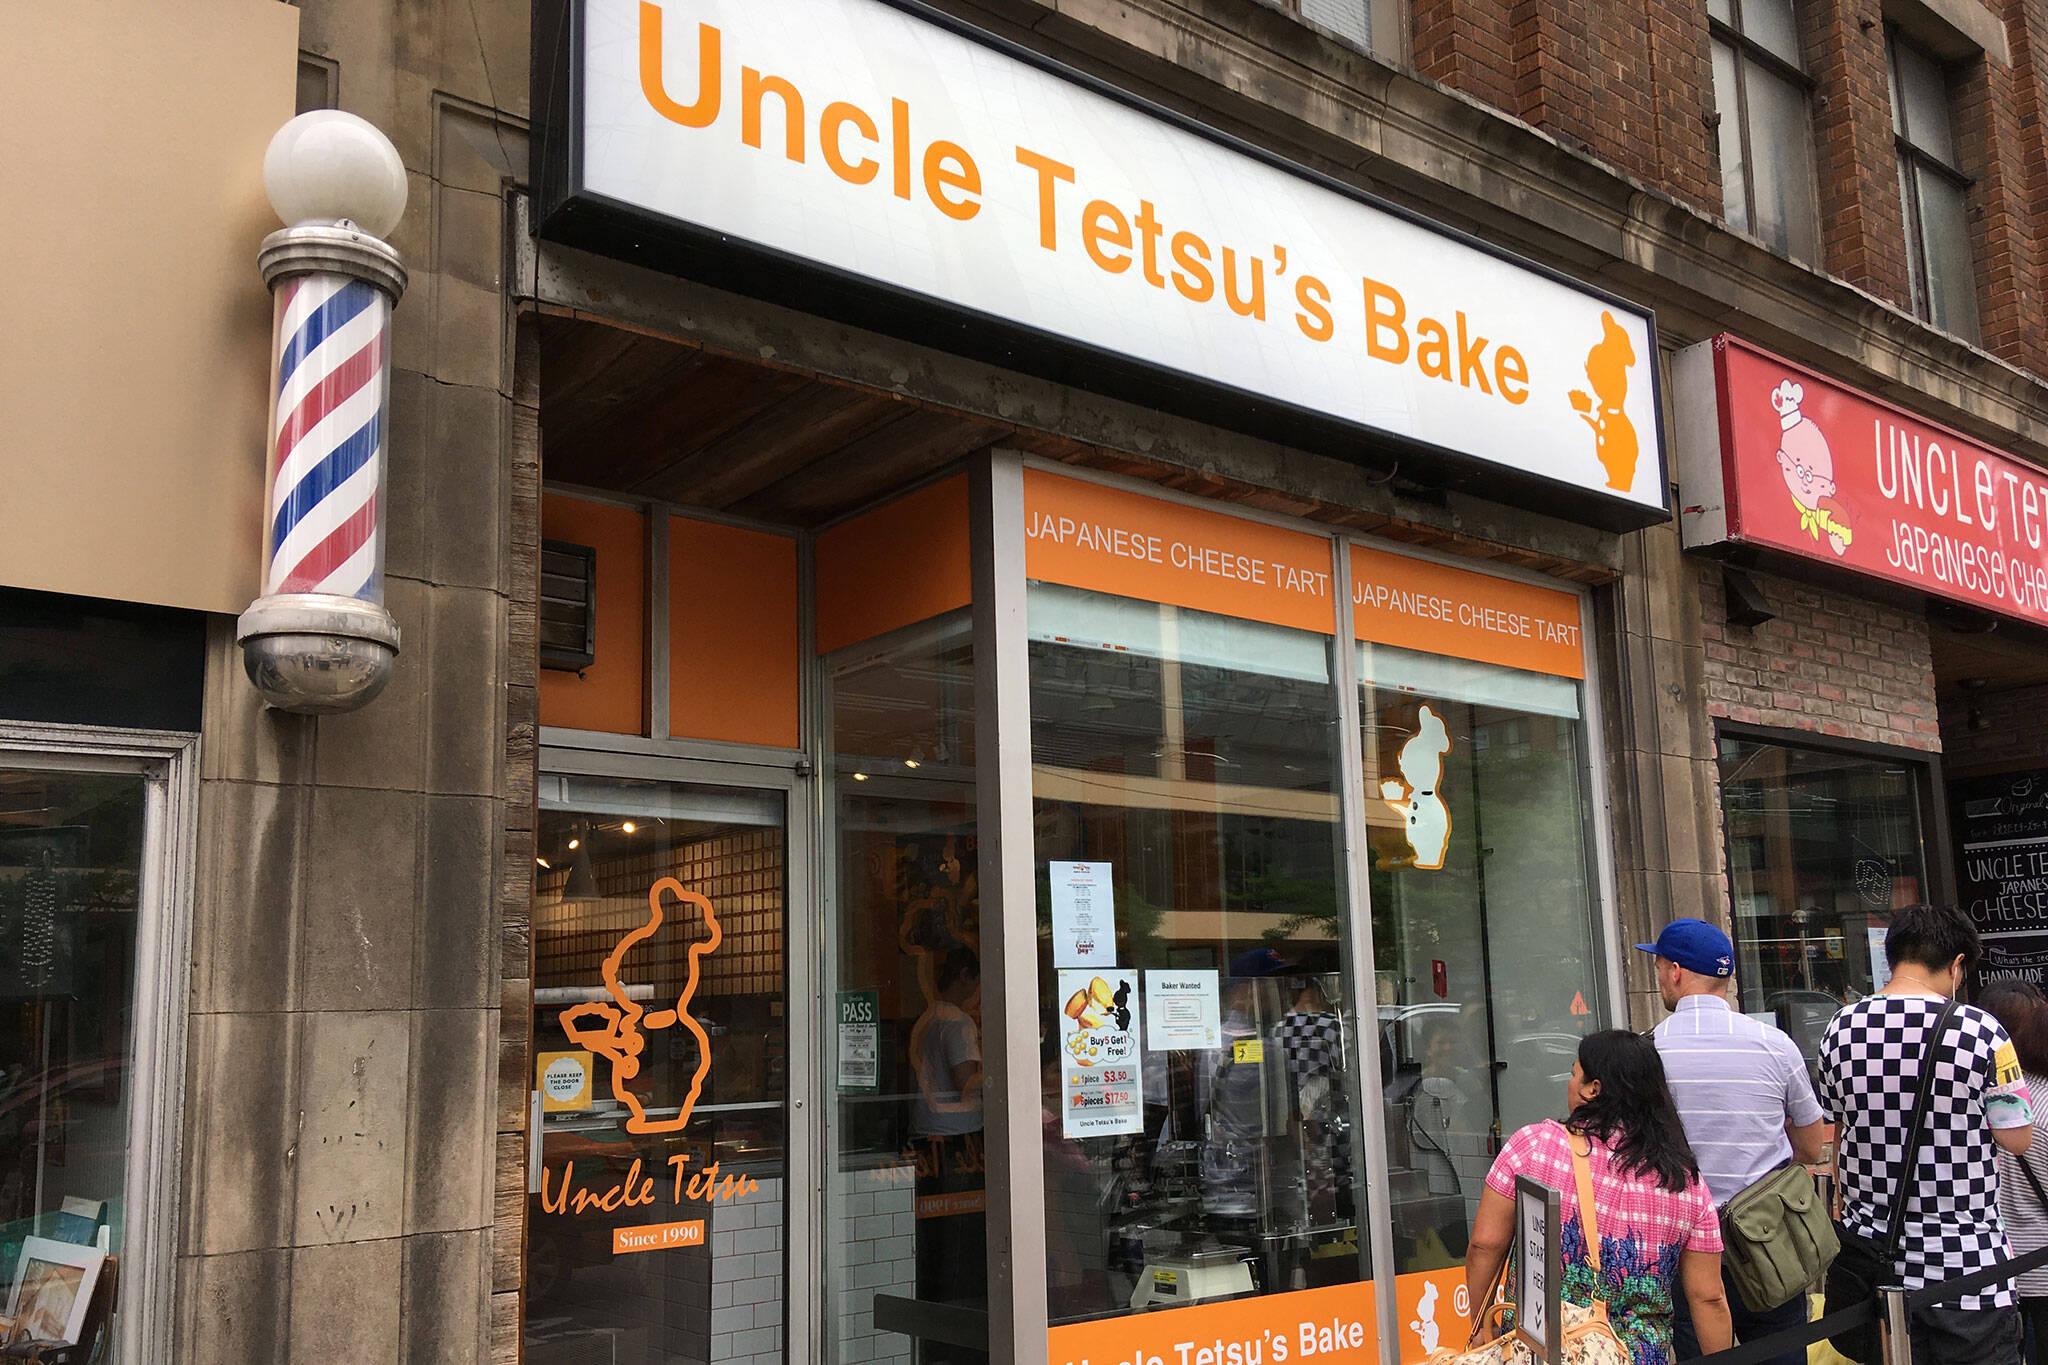 Uncle Tetsu Toronto